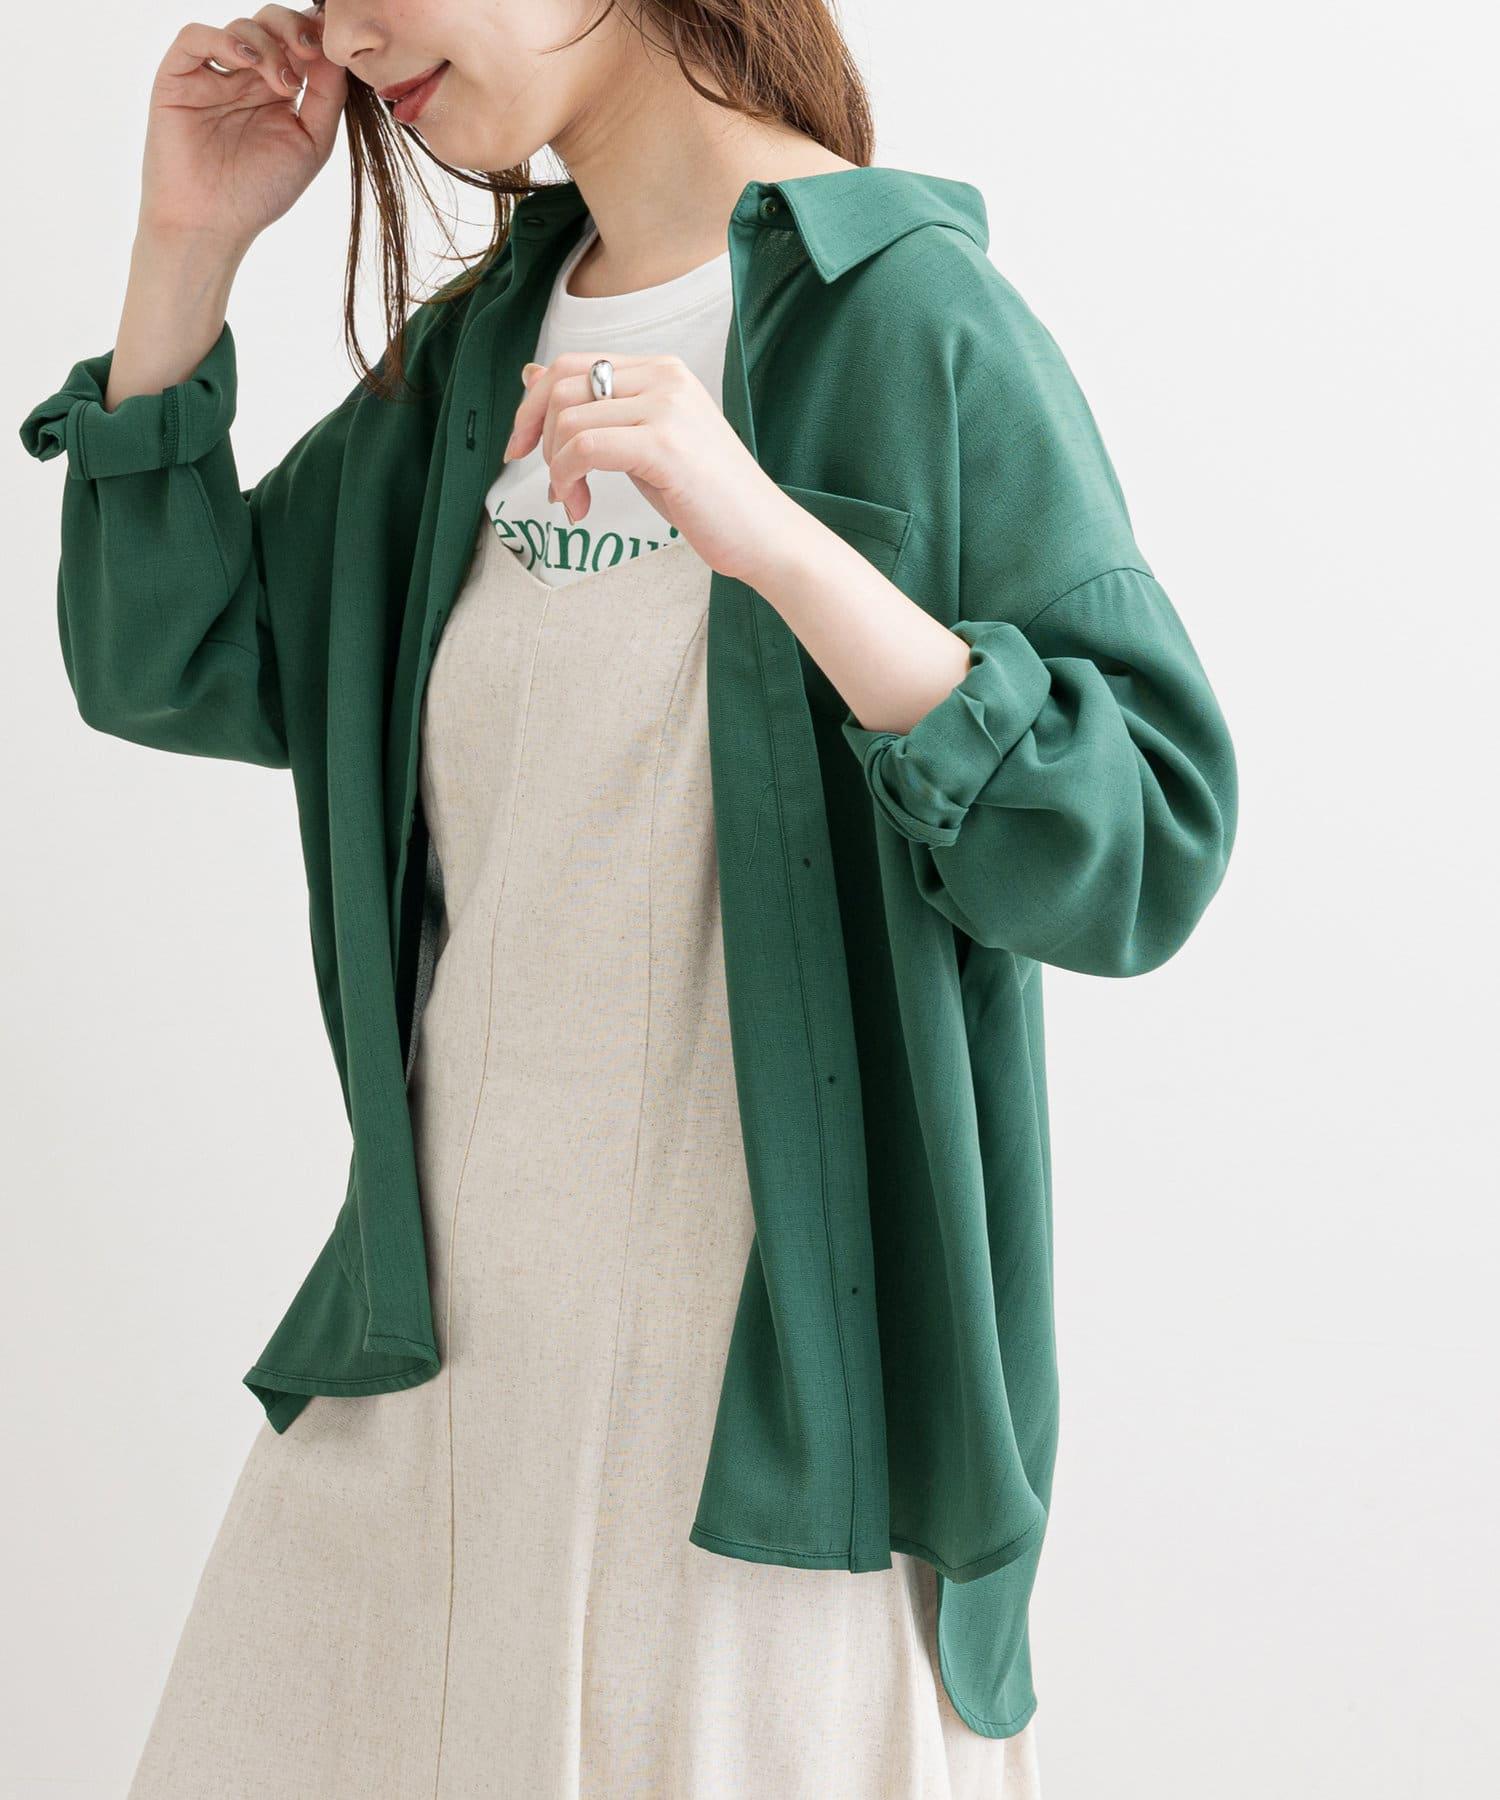 natural couture(ナチュラルクチュール) 【WEB限定】サイドスリットシンプルゆるシャツ